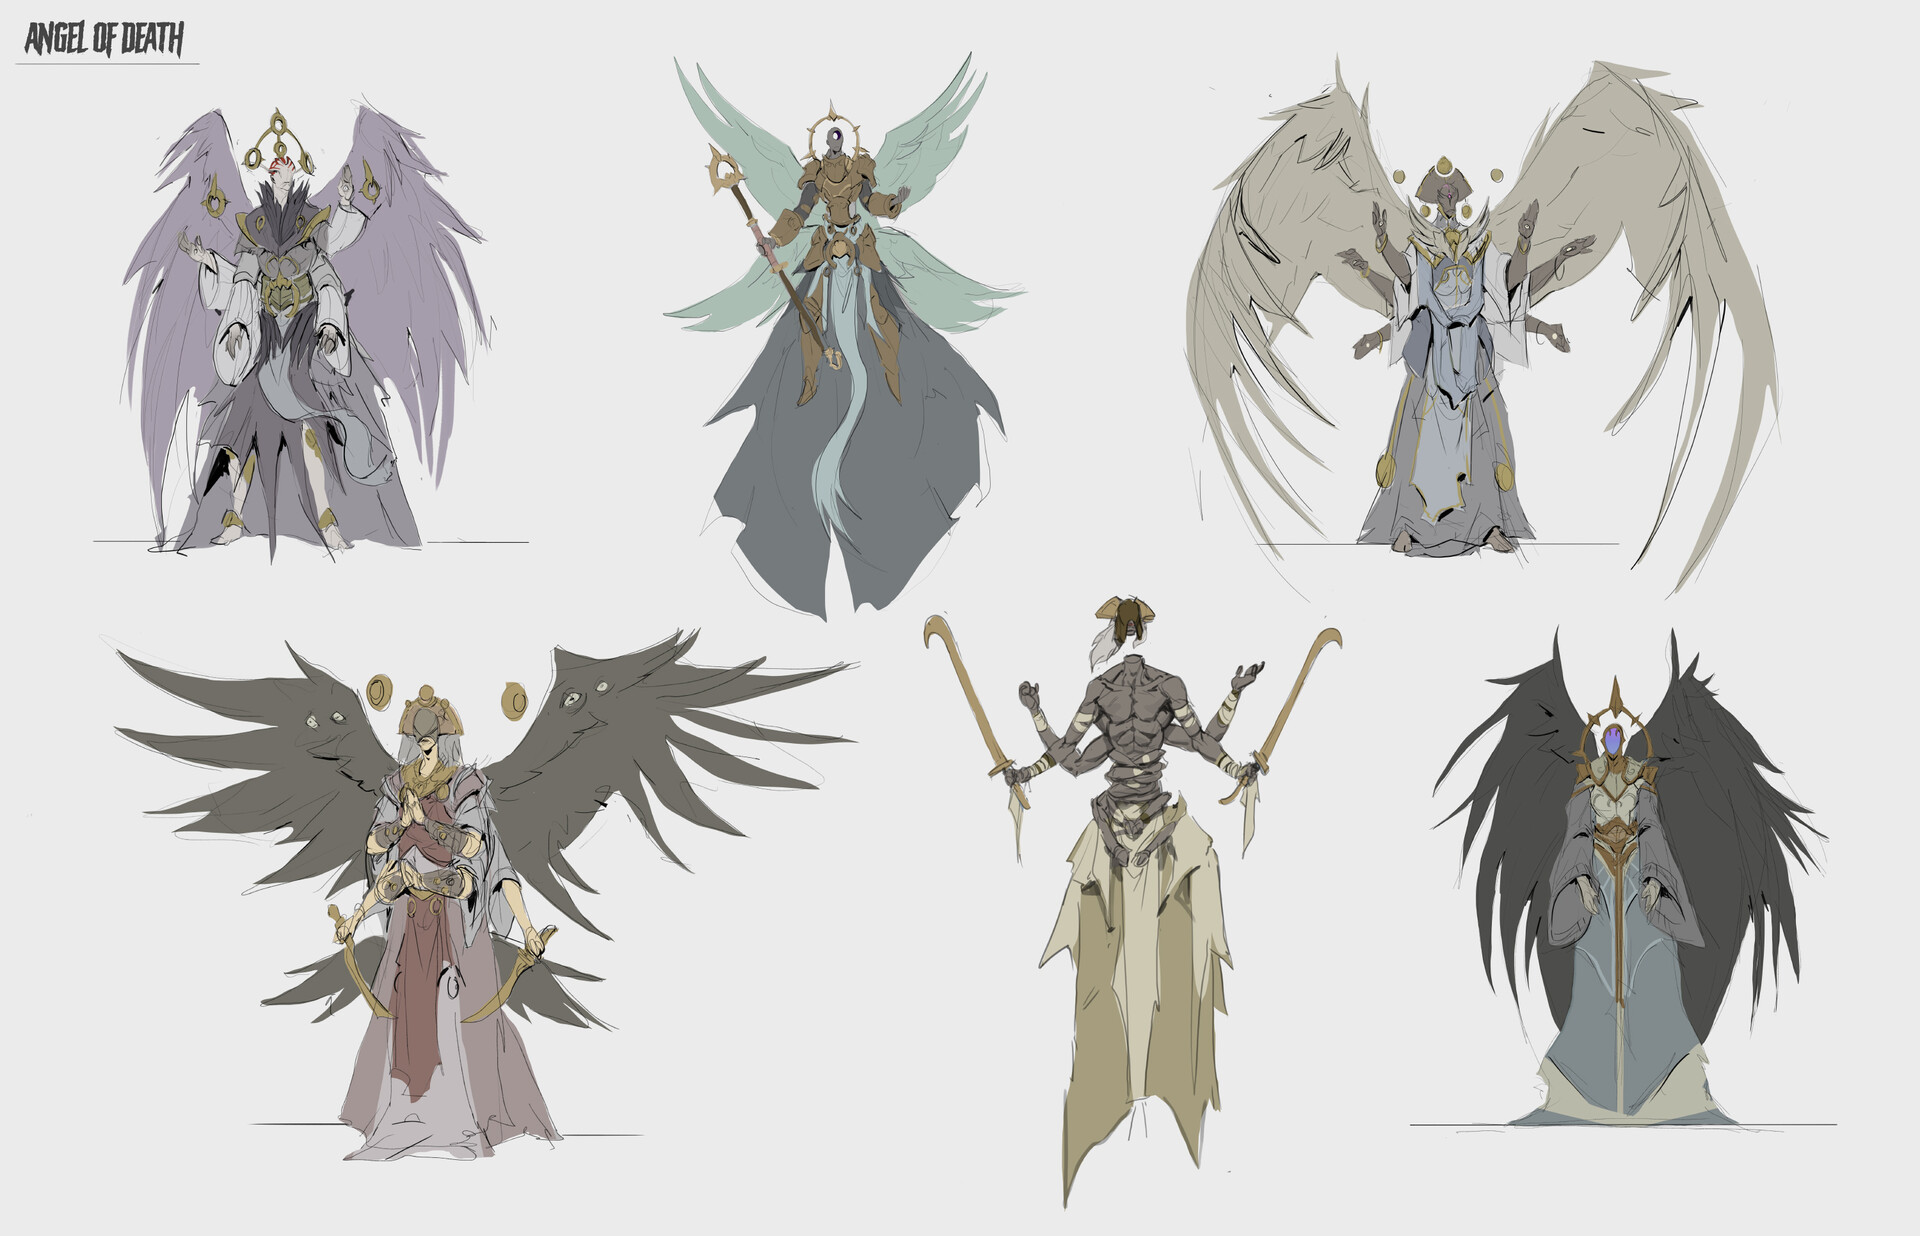 Jordy knoop angel of death sketches 4